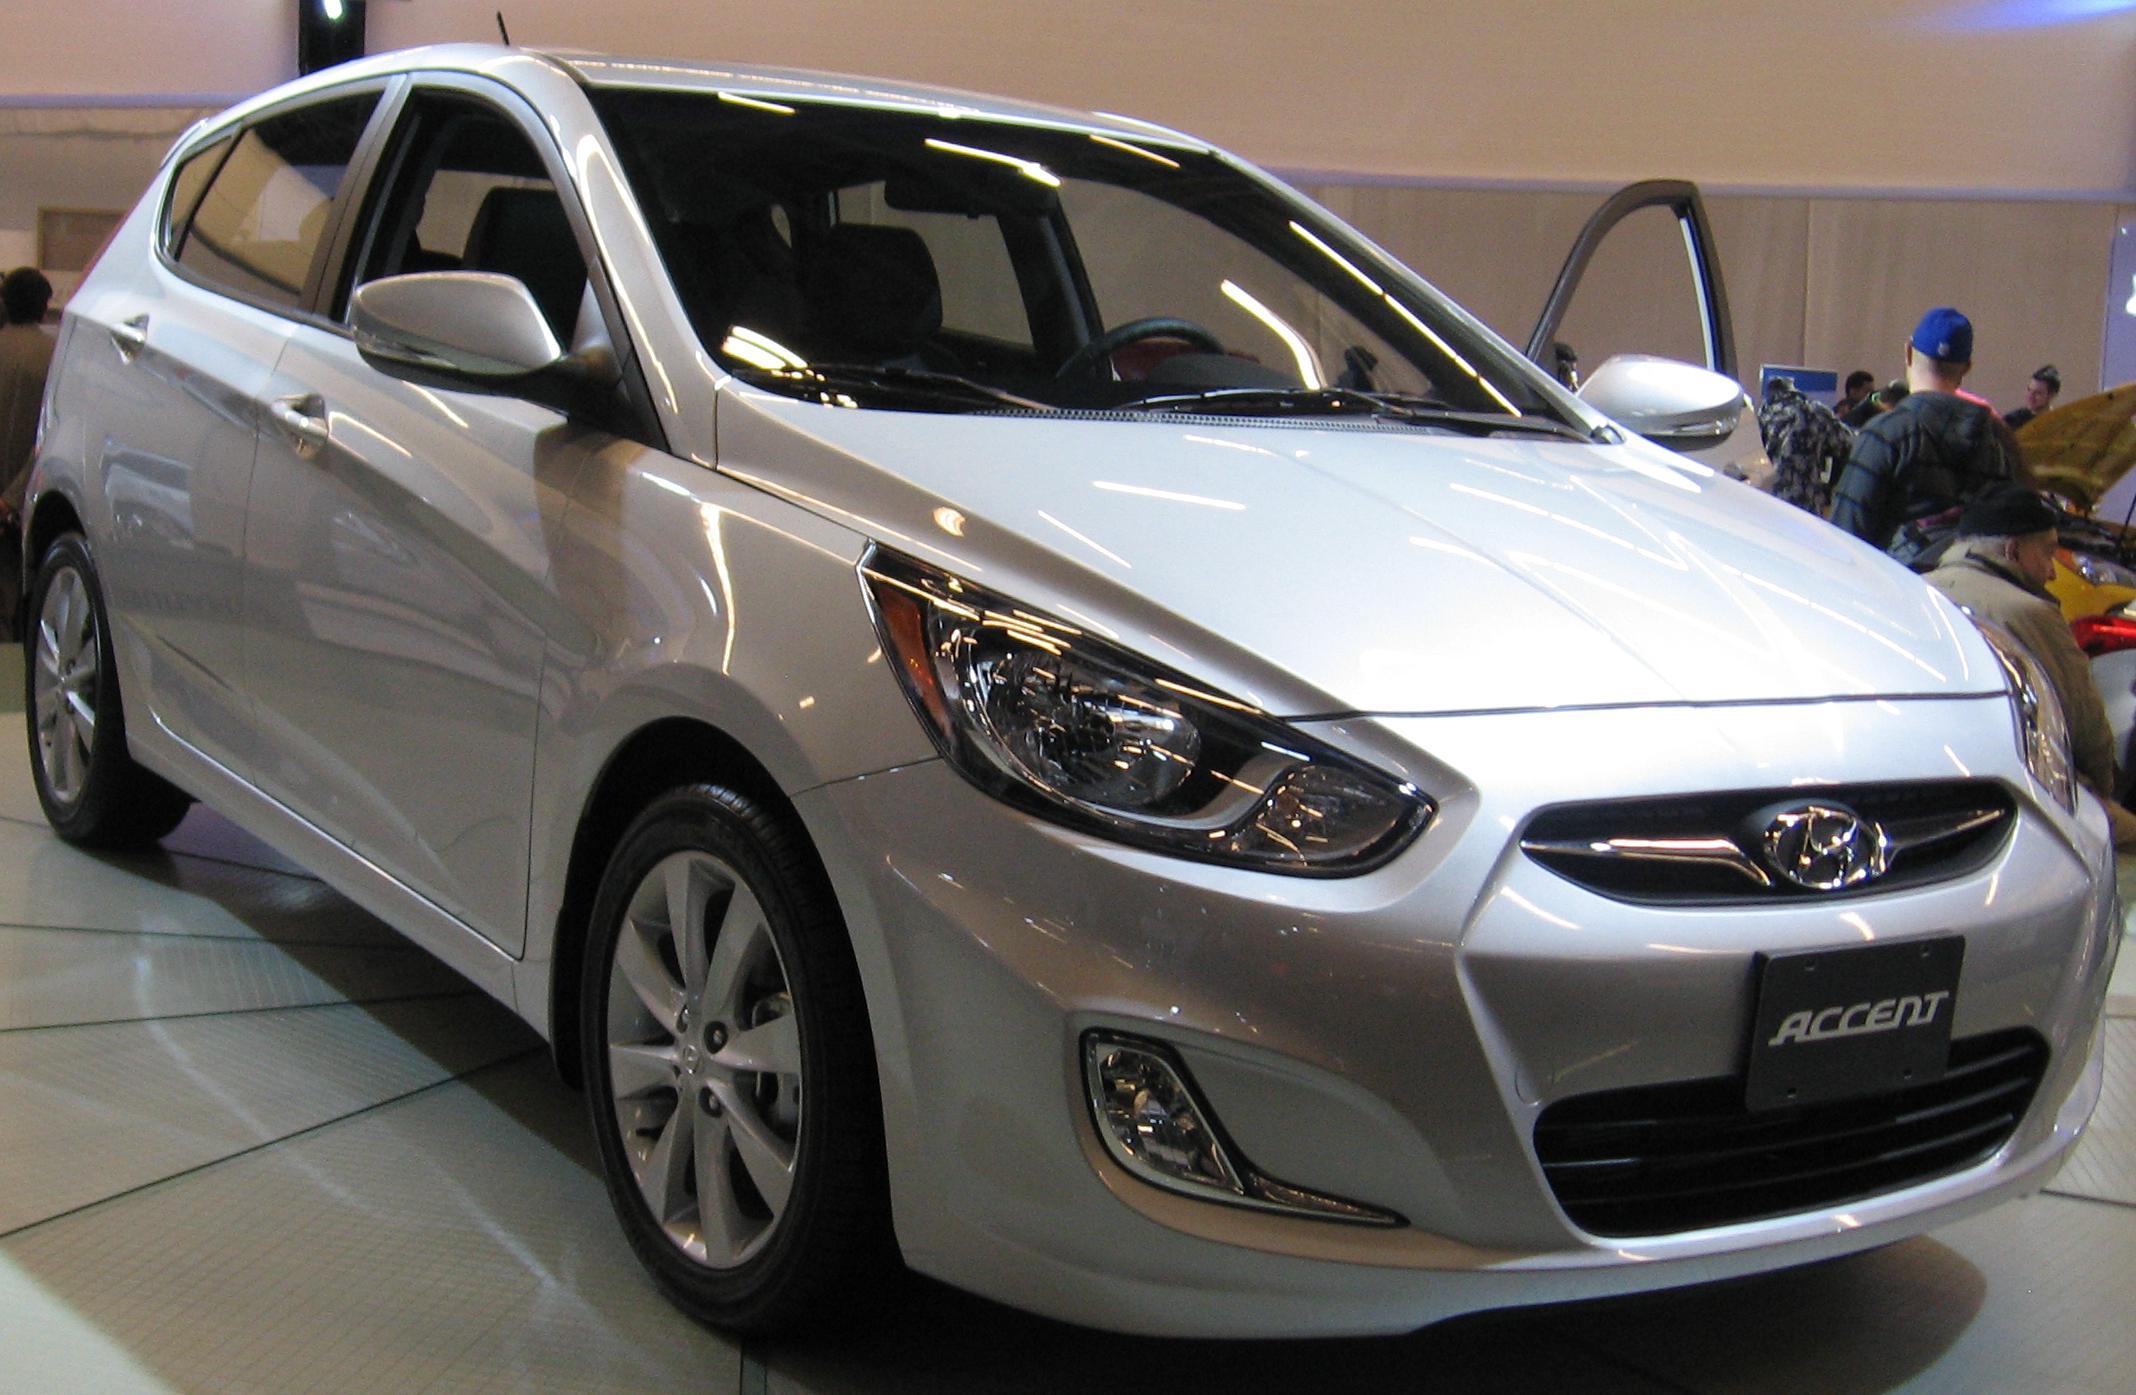 تقرير شامل بالصور عن اكسنت Hyundai Accent 2015 الجديدة